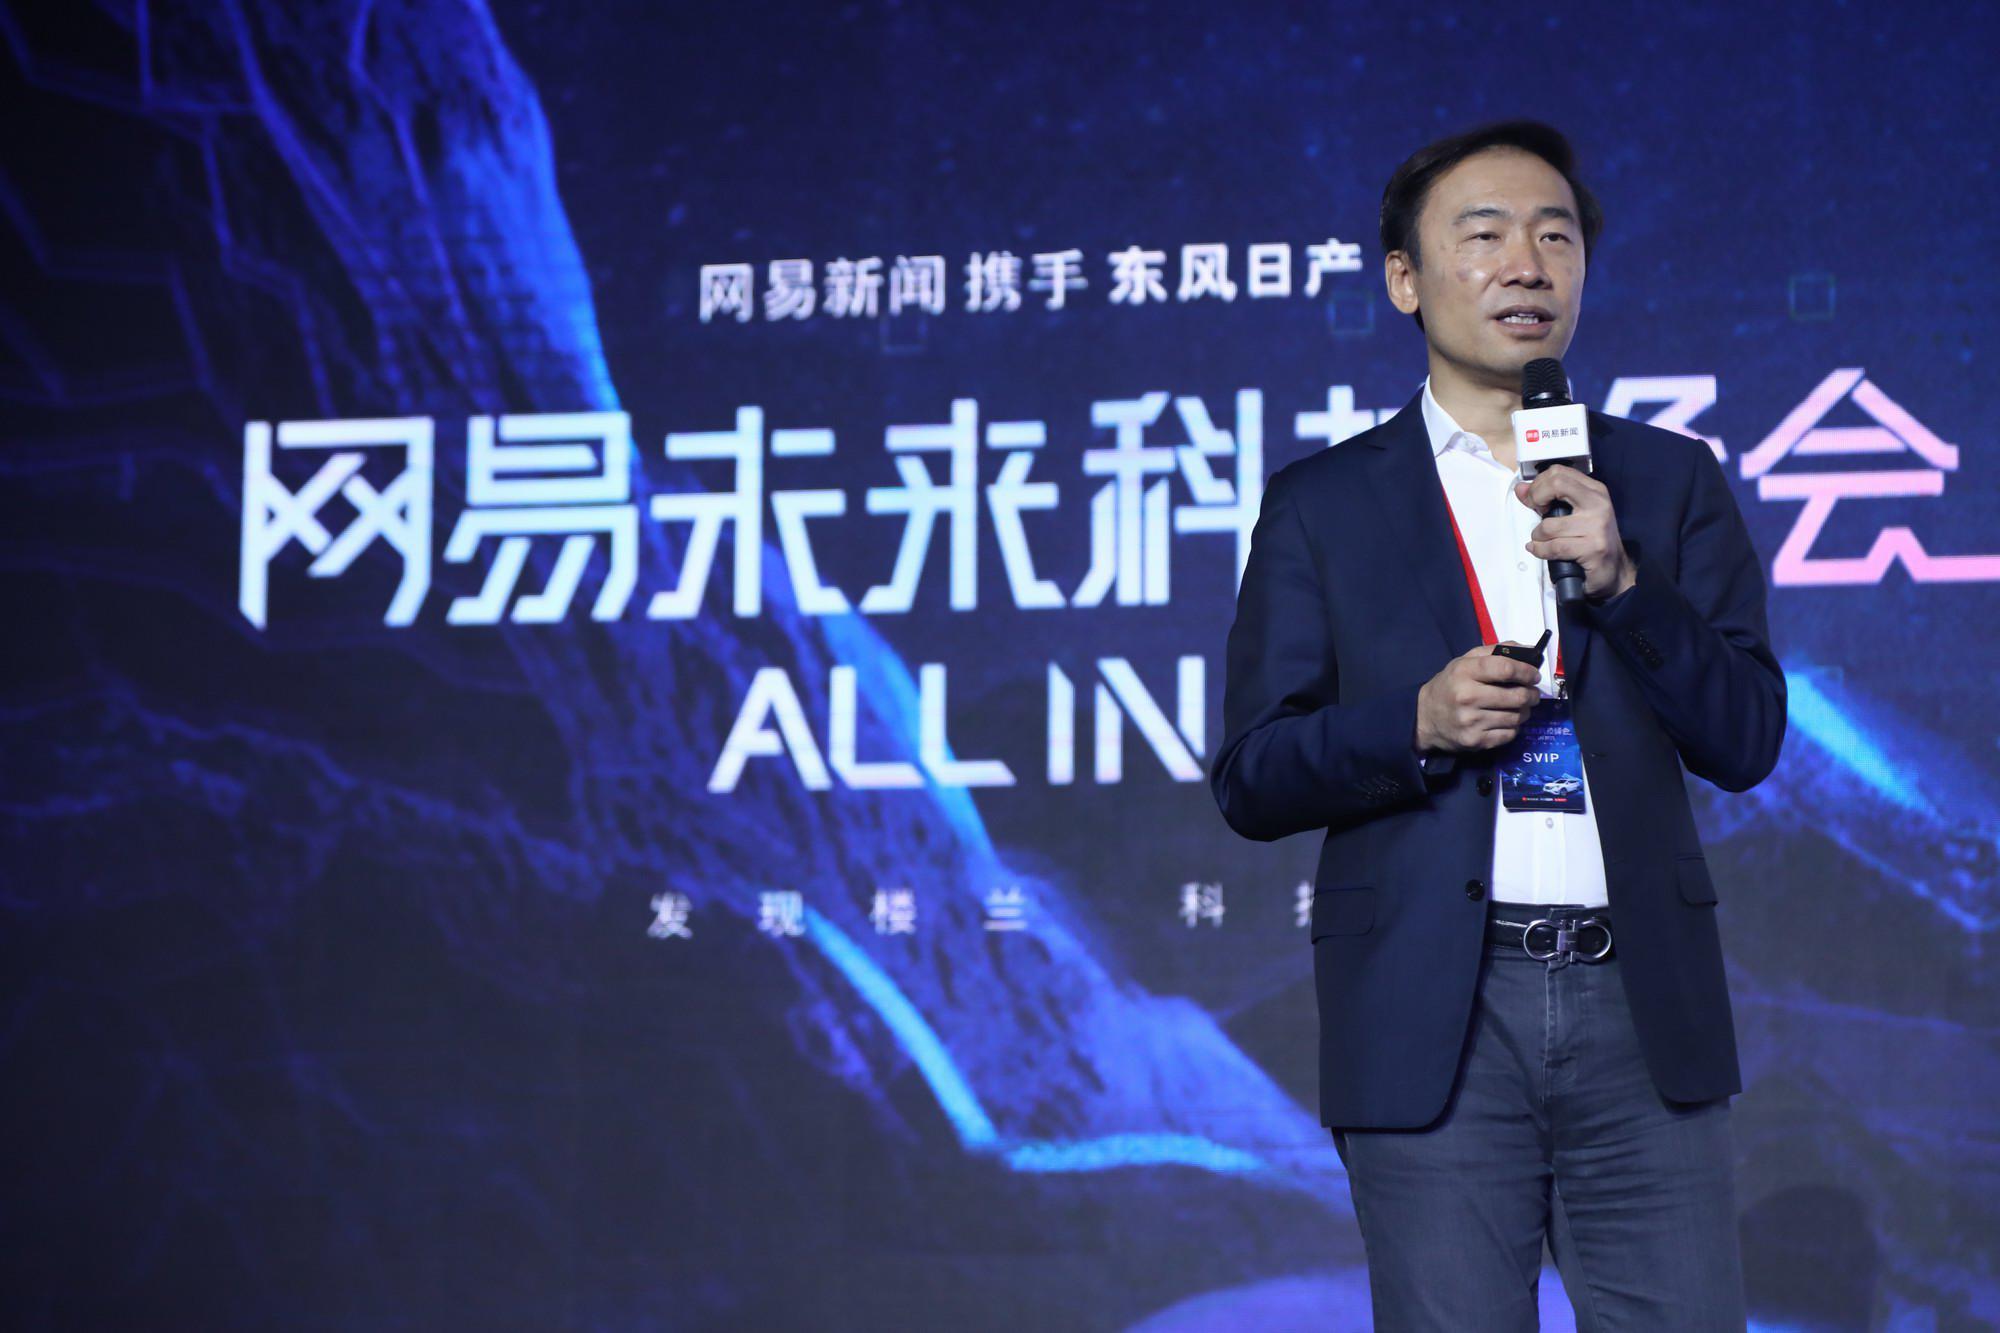 北极光创投创始人、董事总经理邓锋